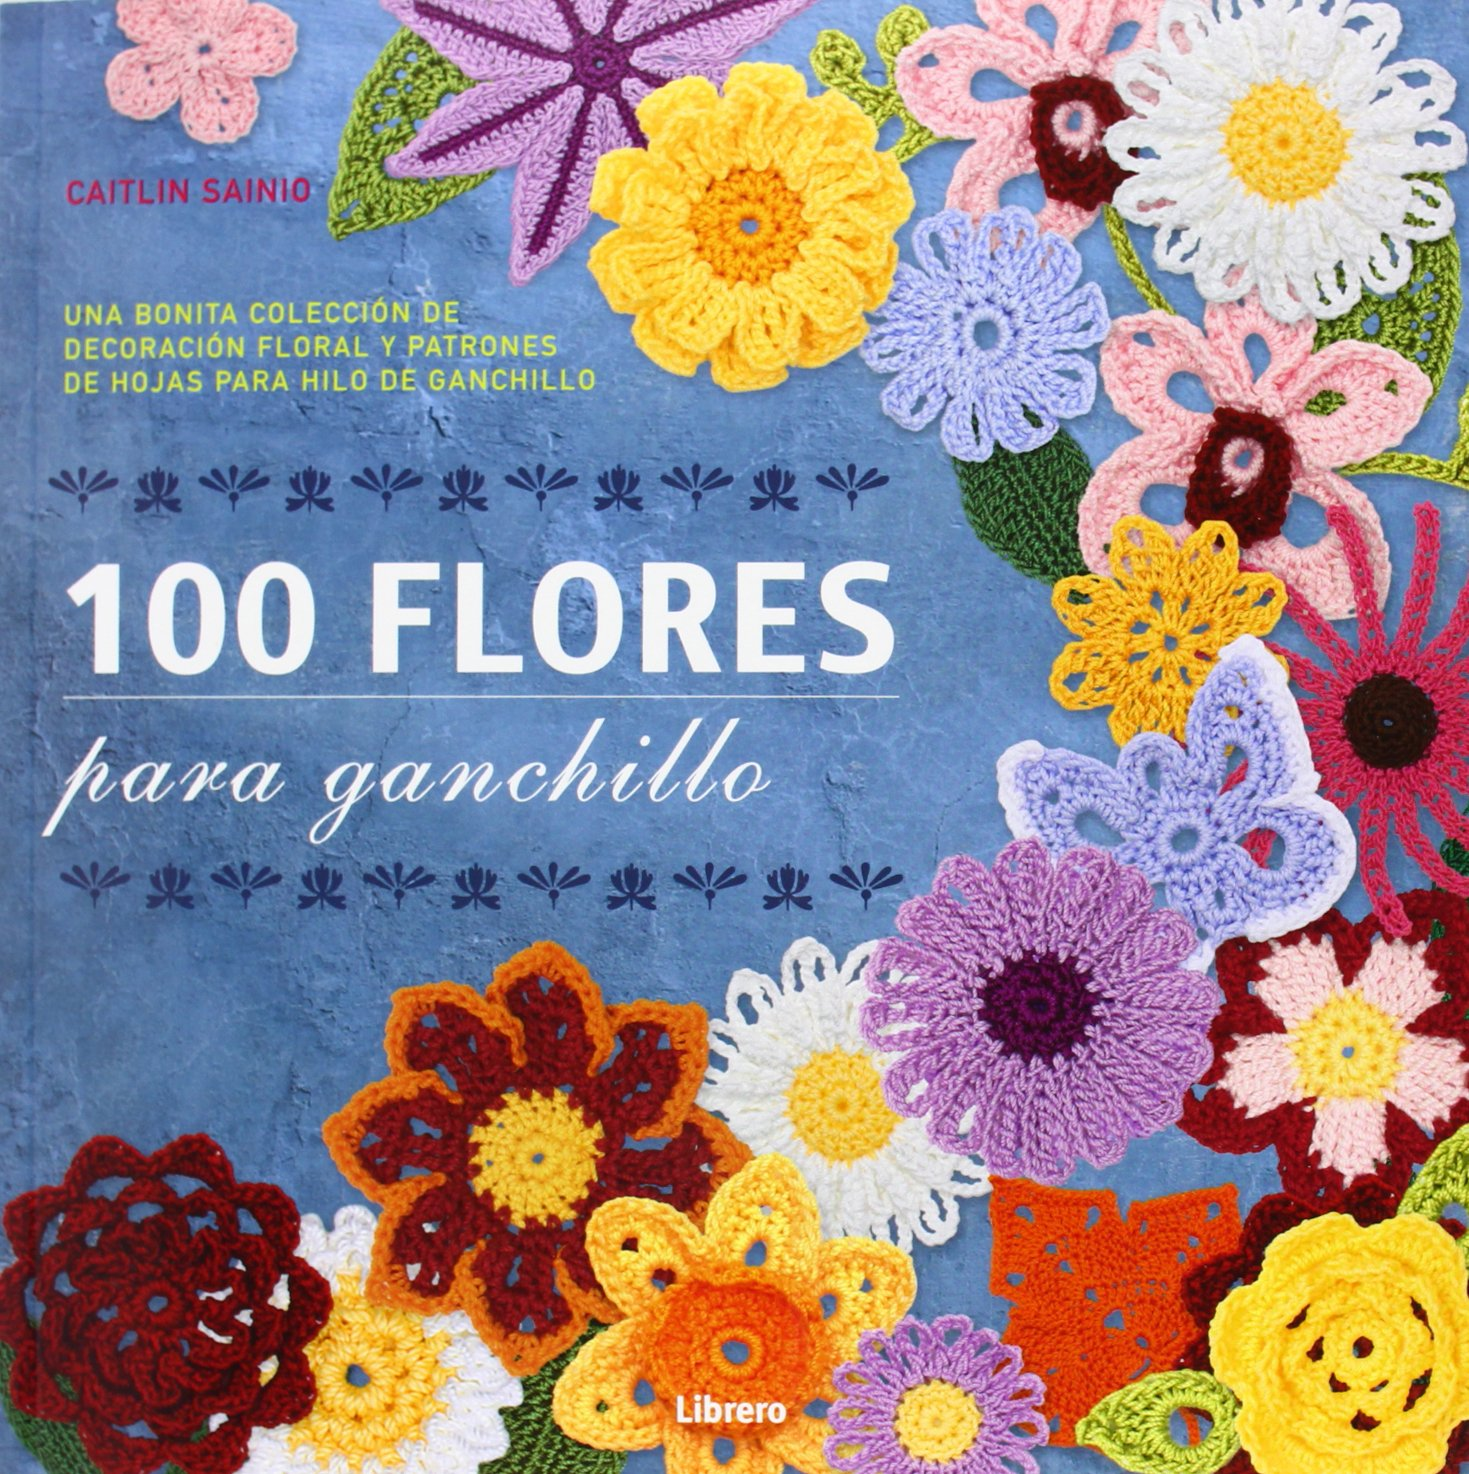 100 Coloridos cuadros ganchillo: Amazon.es: Leonie Morgan: Libros